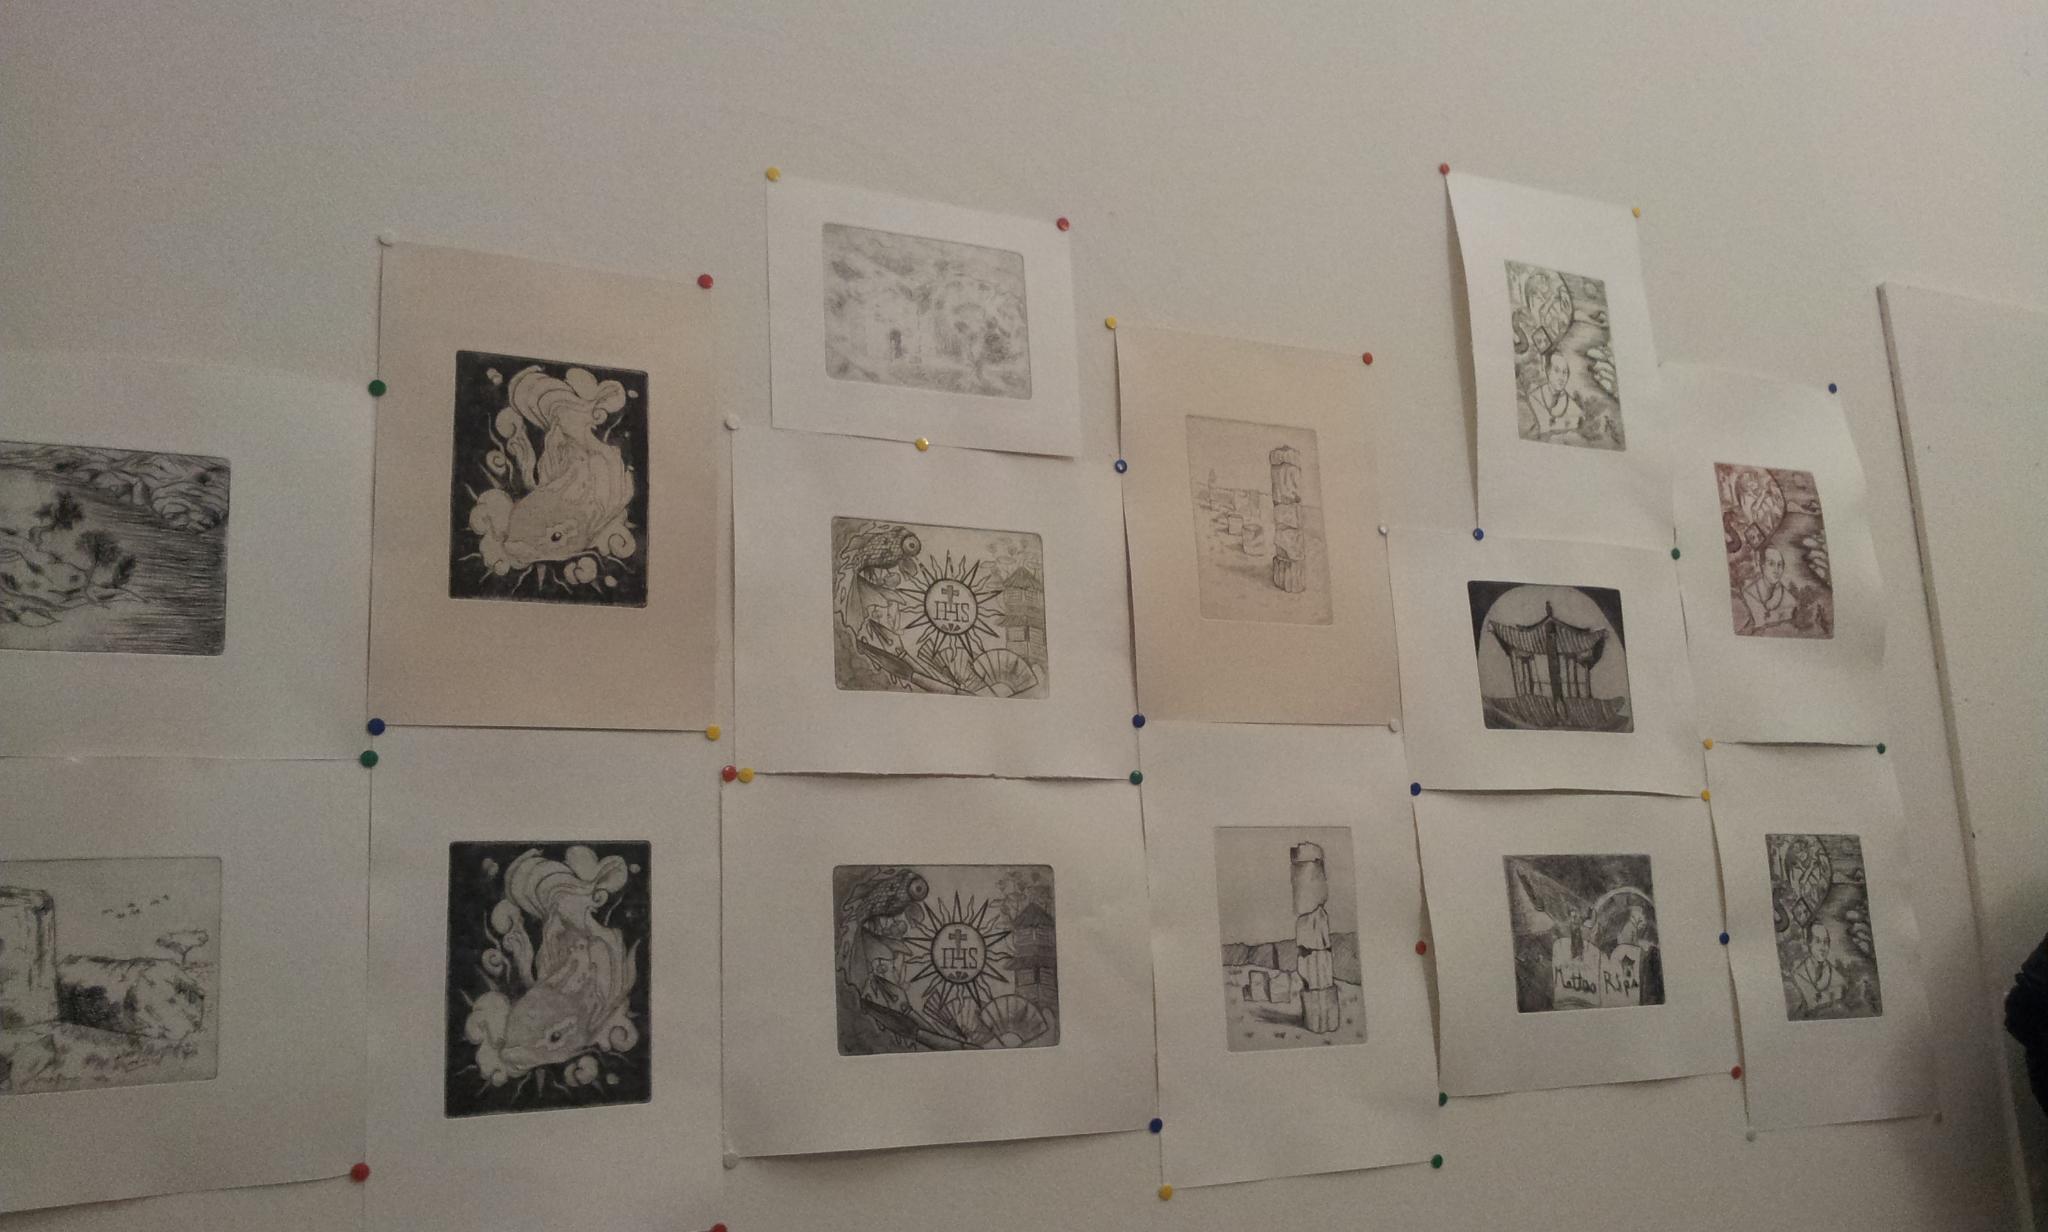 Matteo Ripa - Giornata studio - Incisioni di studenti del liceo artistico